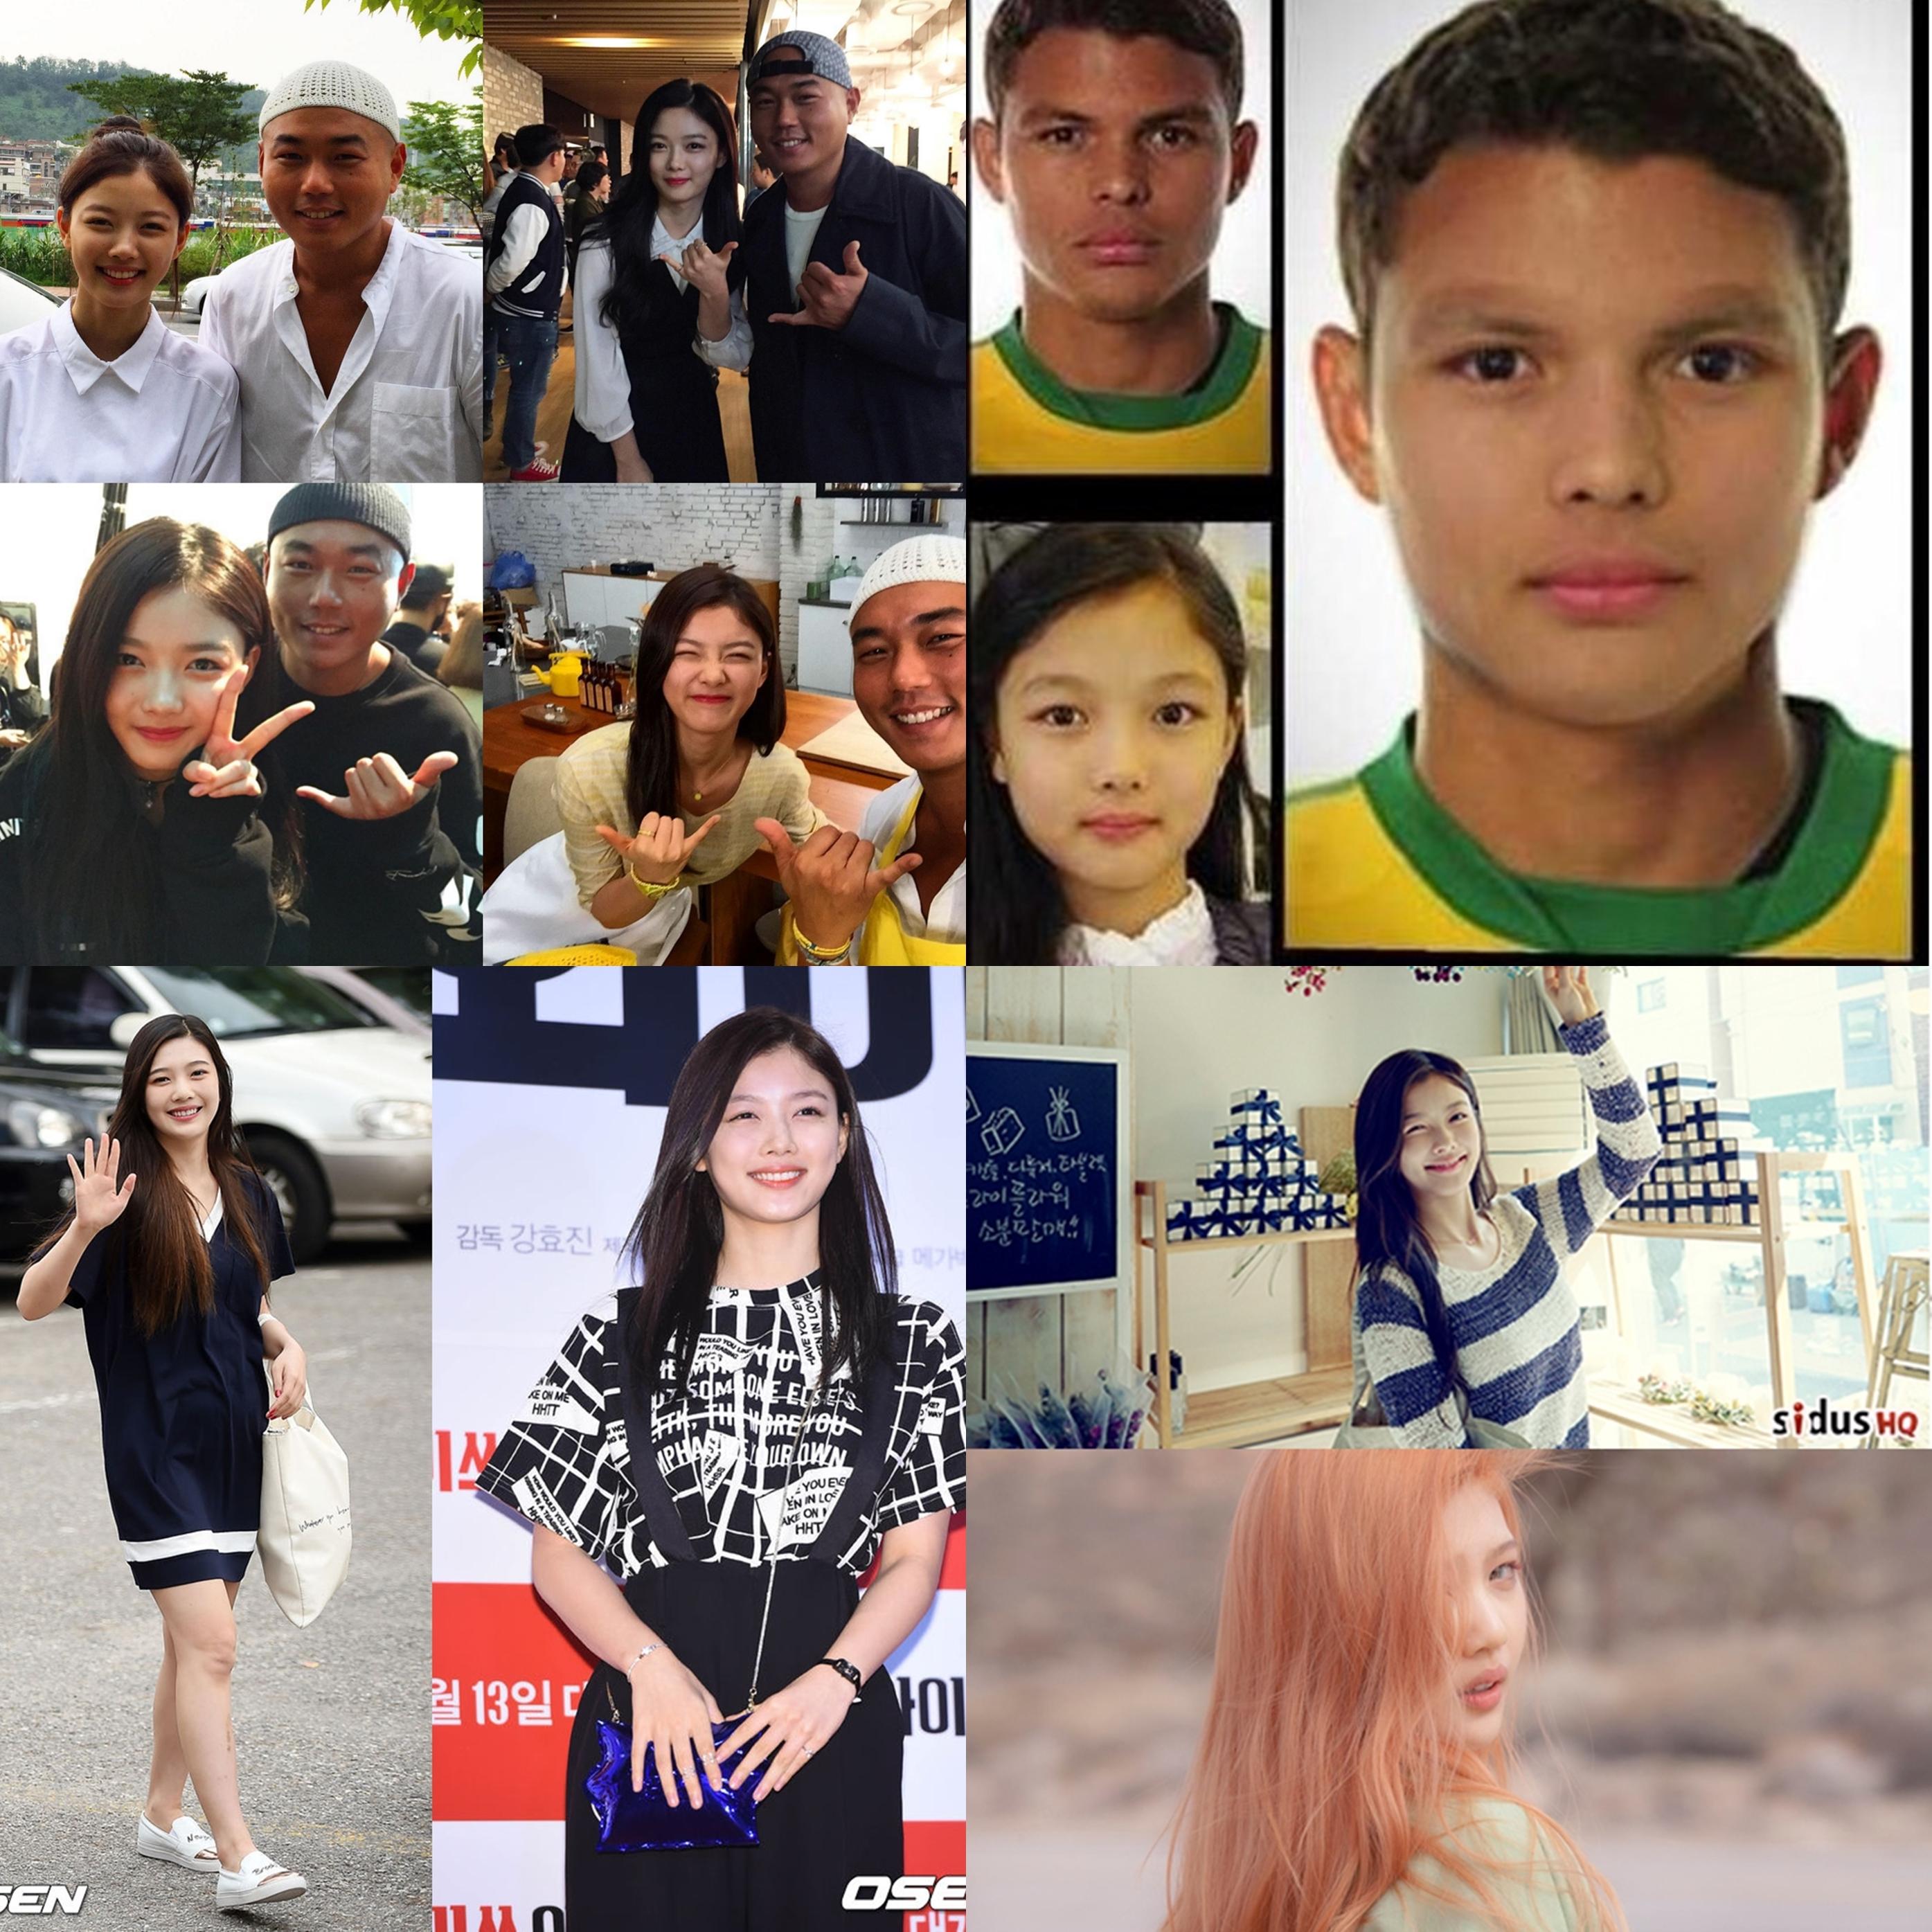 韓國網友們覺得他們四個人有個感覺超像的,那大家也這樣想嗎?